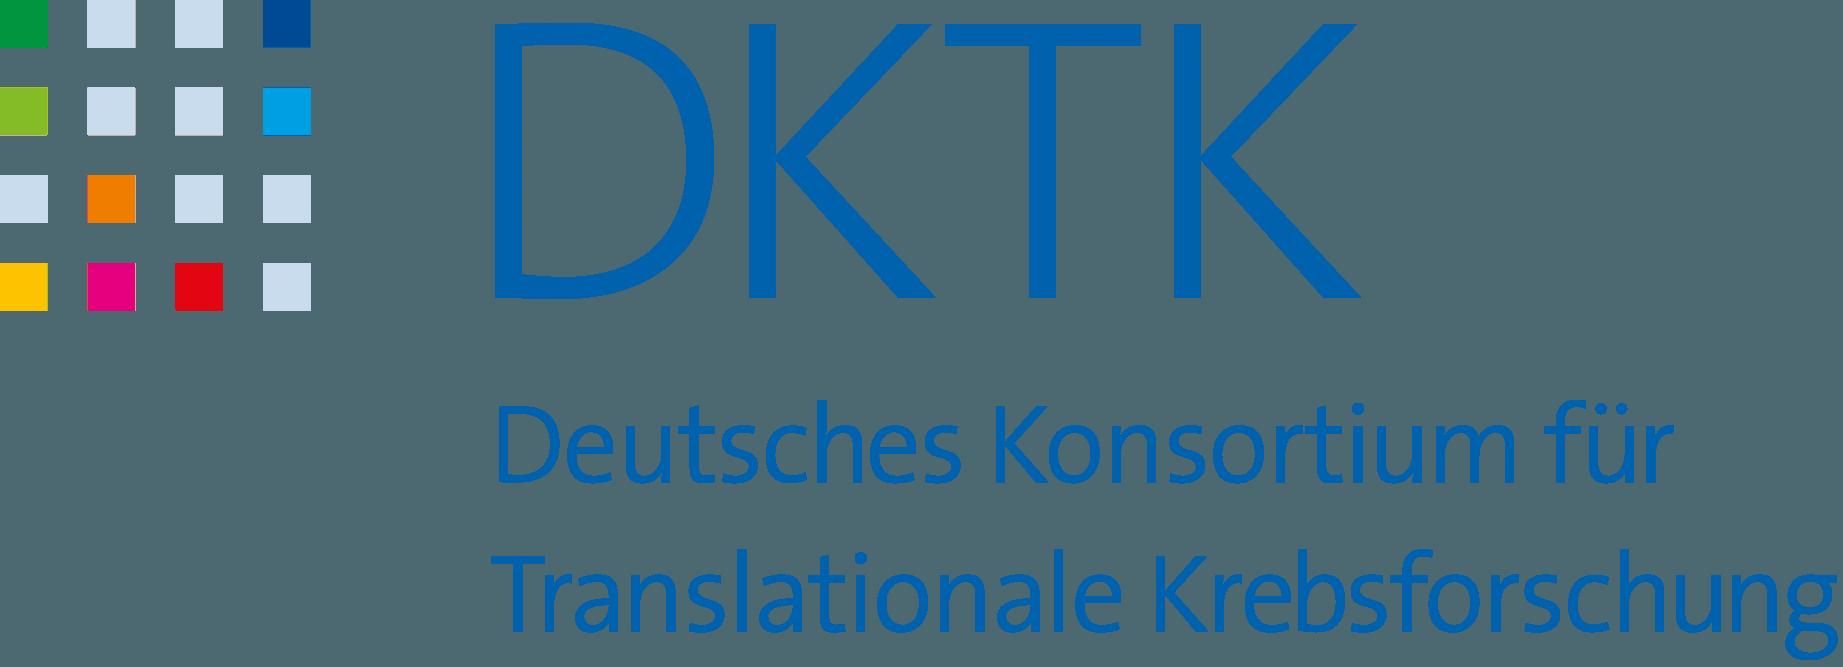 DKTK - Deutsches Konsortium für Translationale Krebsforschung